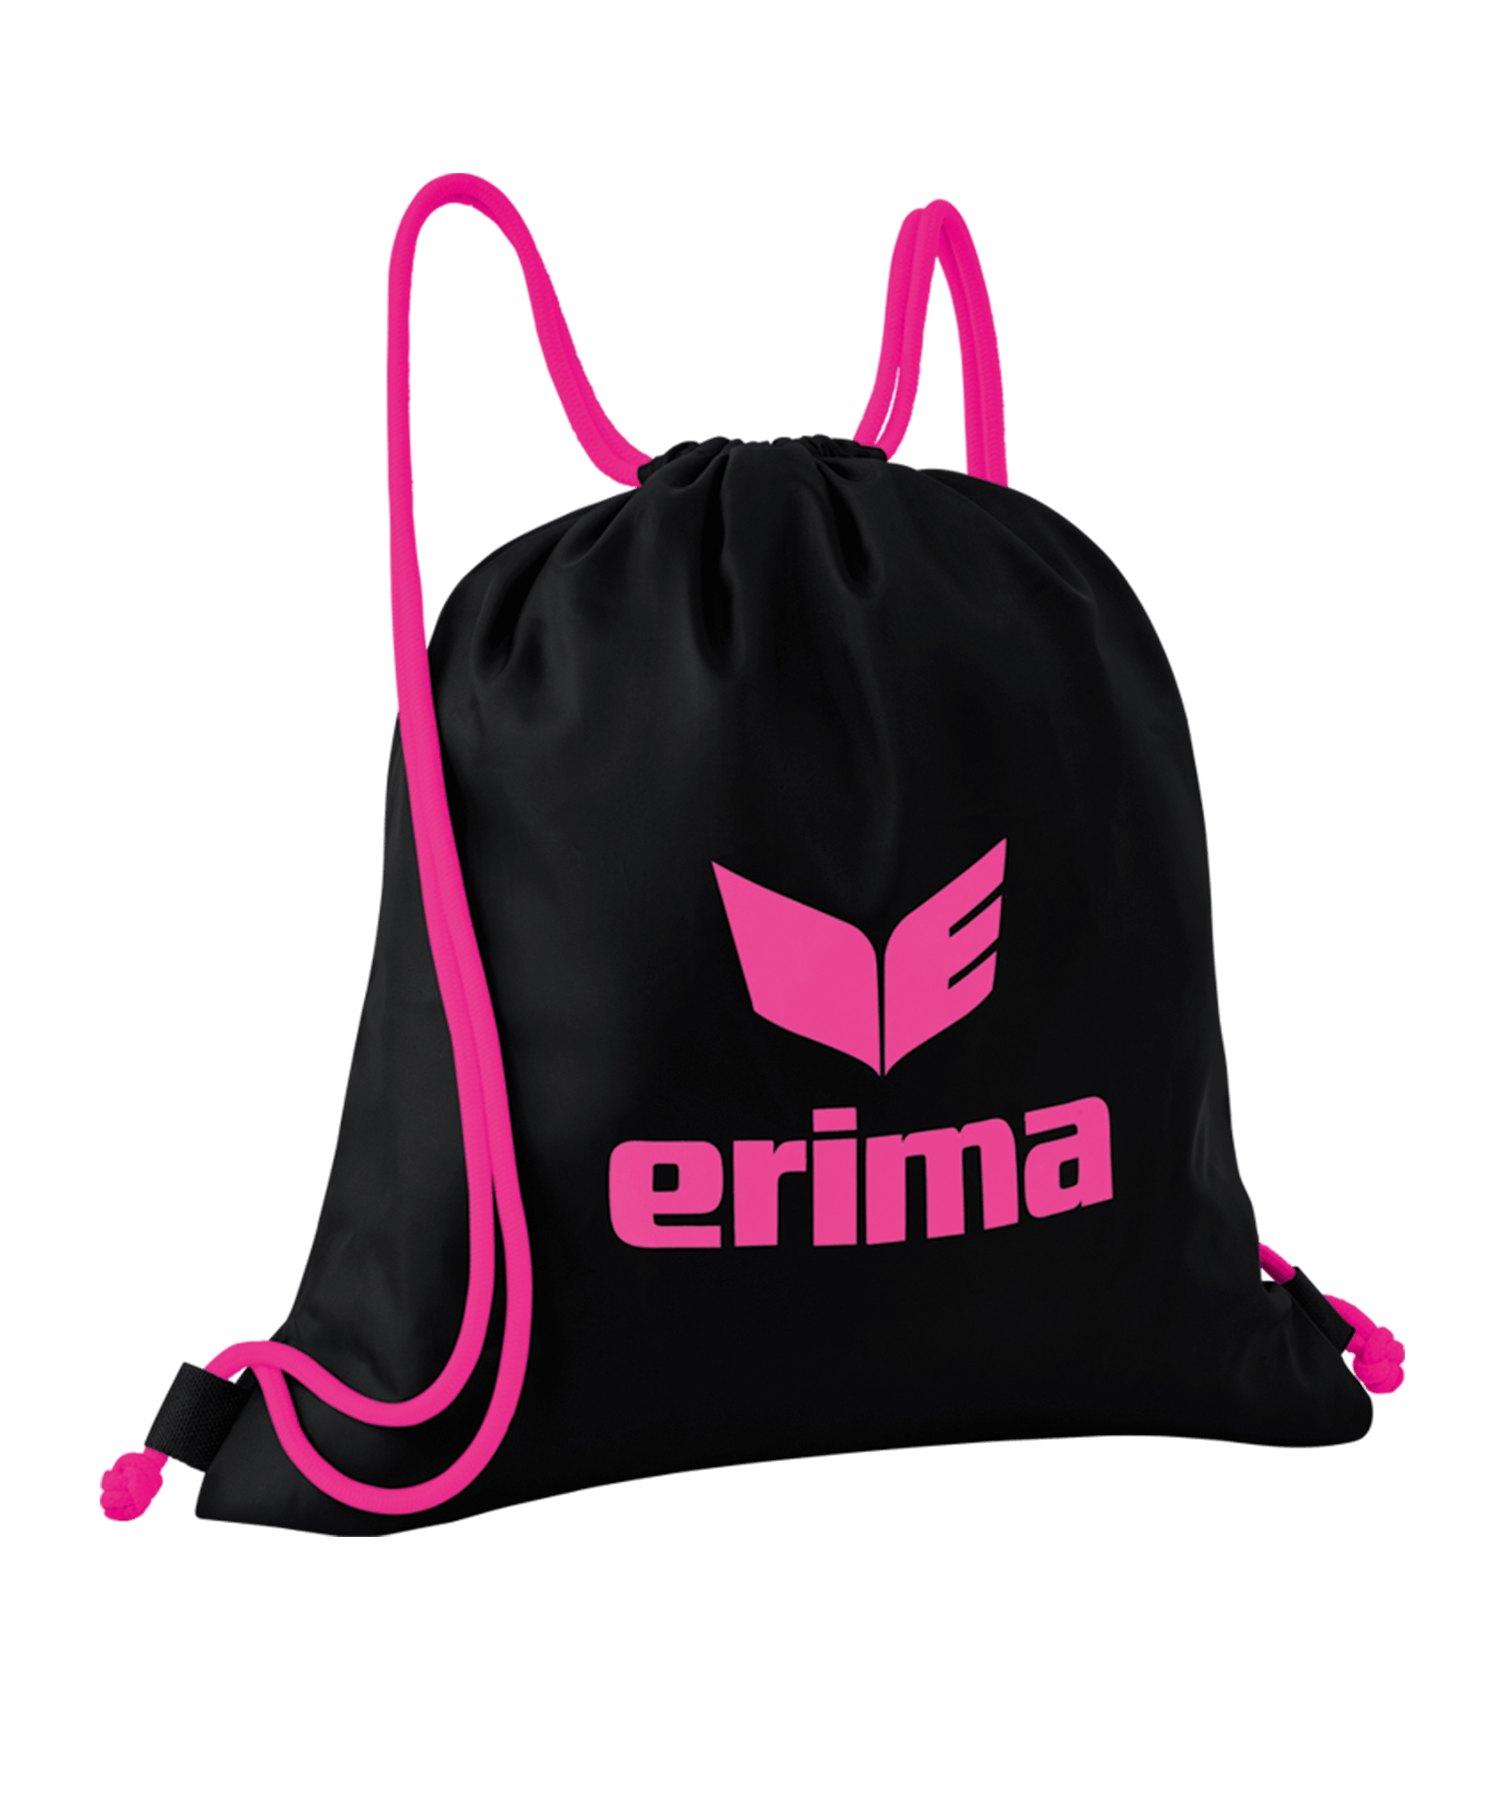 Erima Turnbeutel Pro Schwarz Pink - schwarz